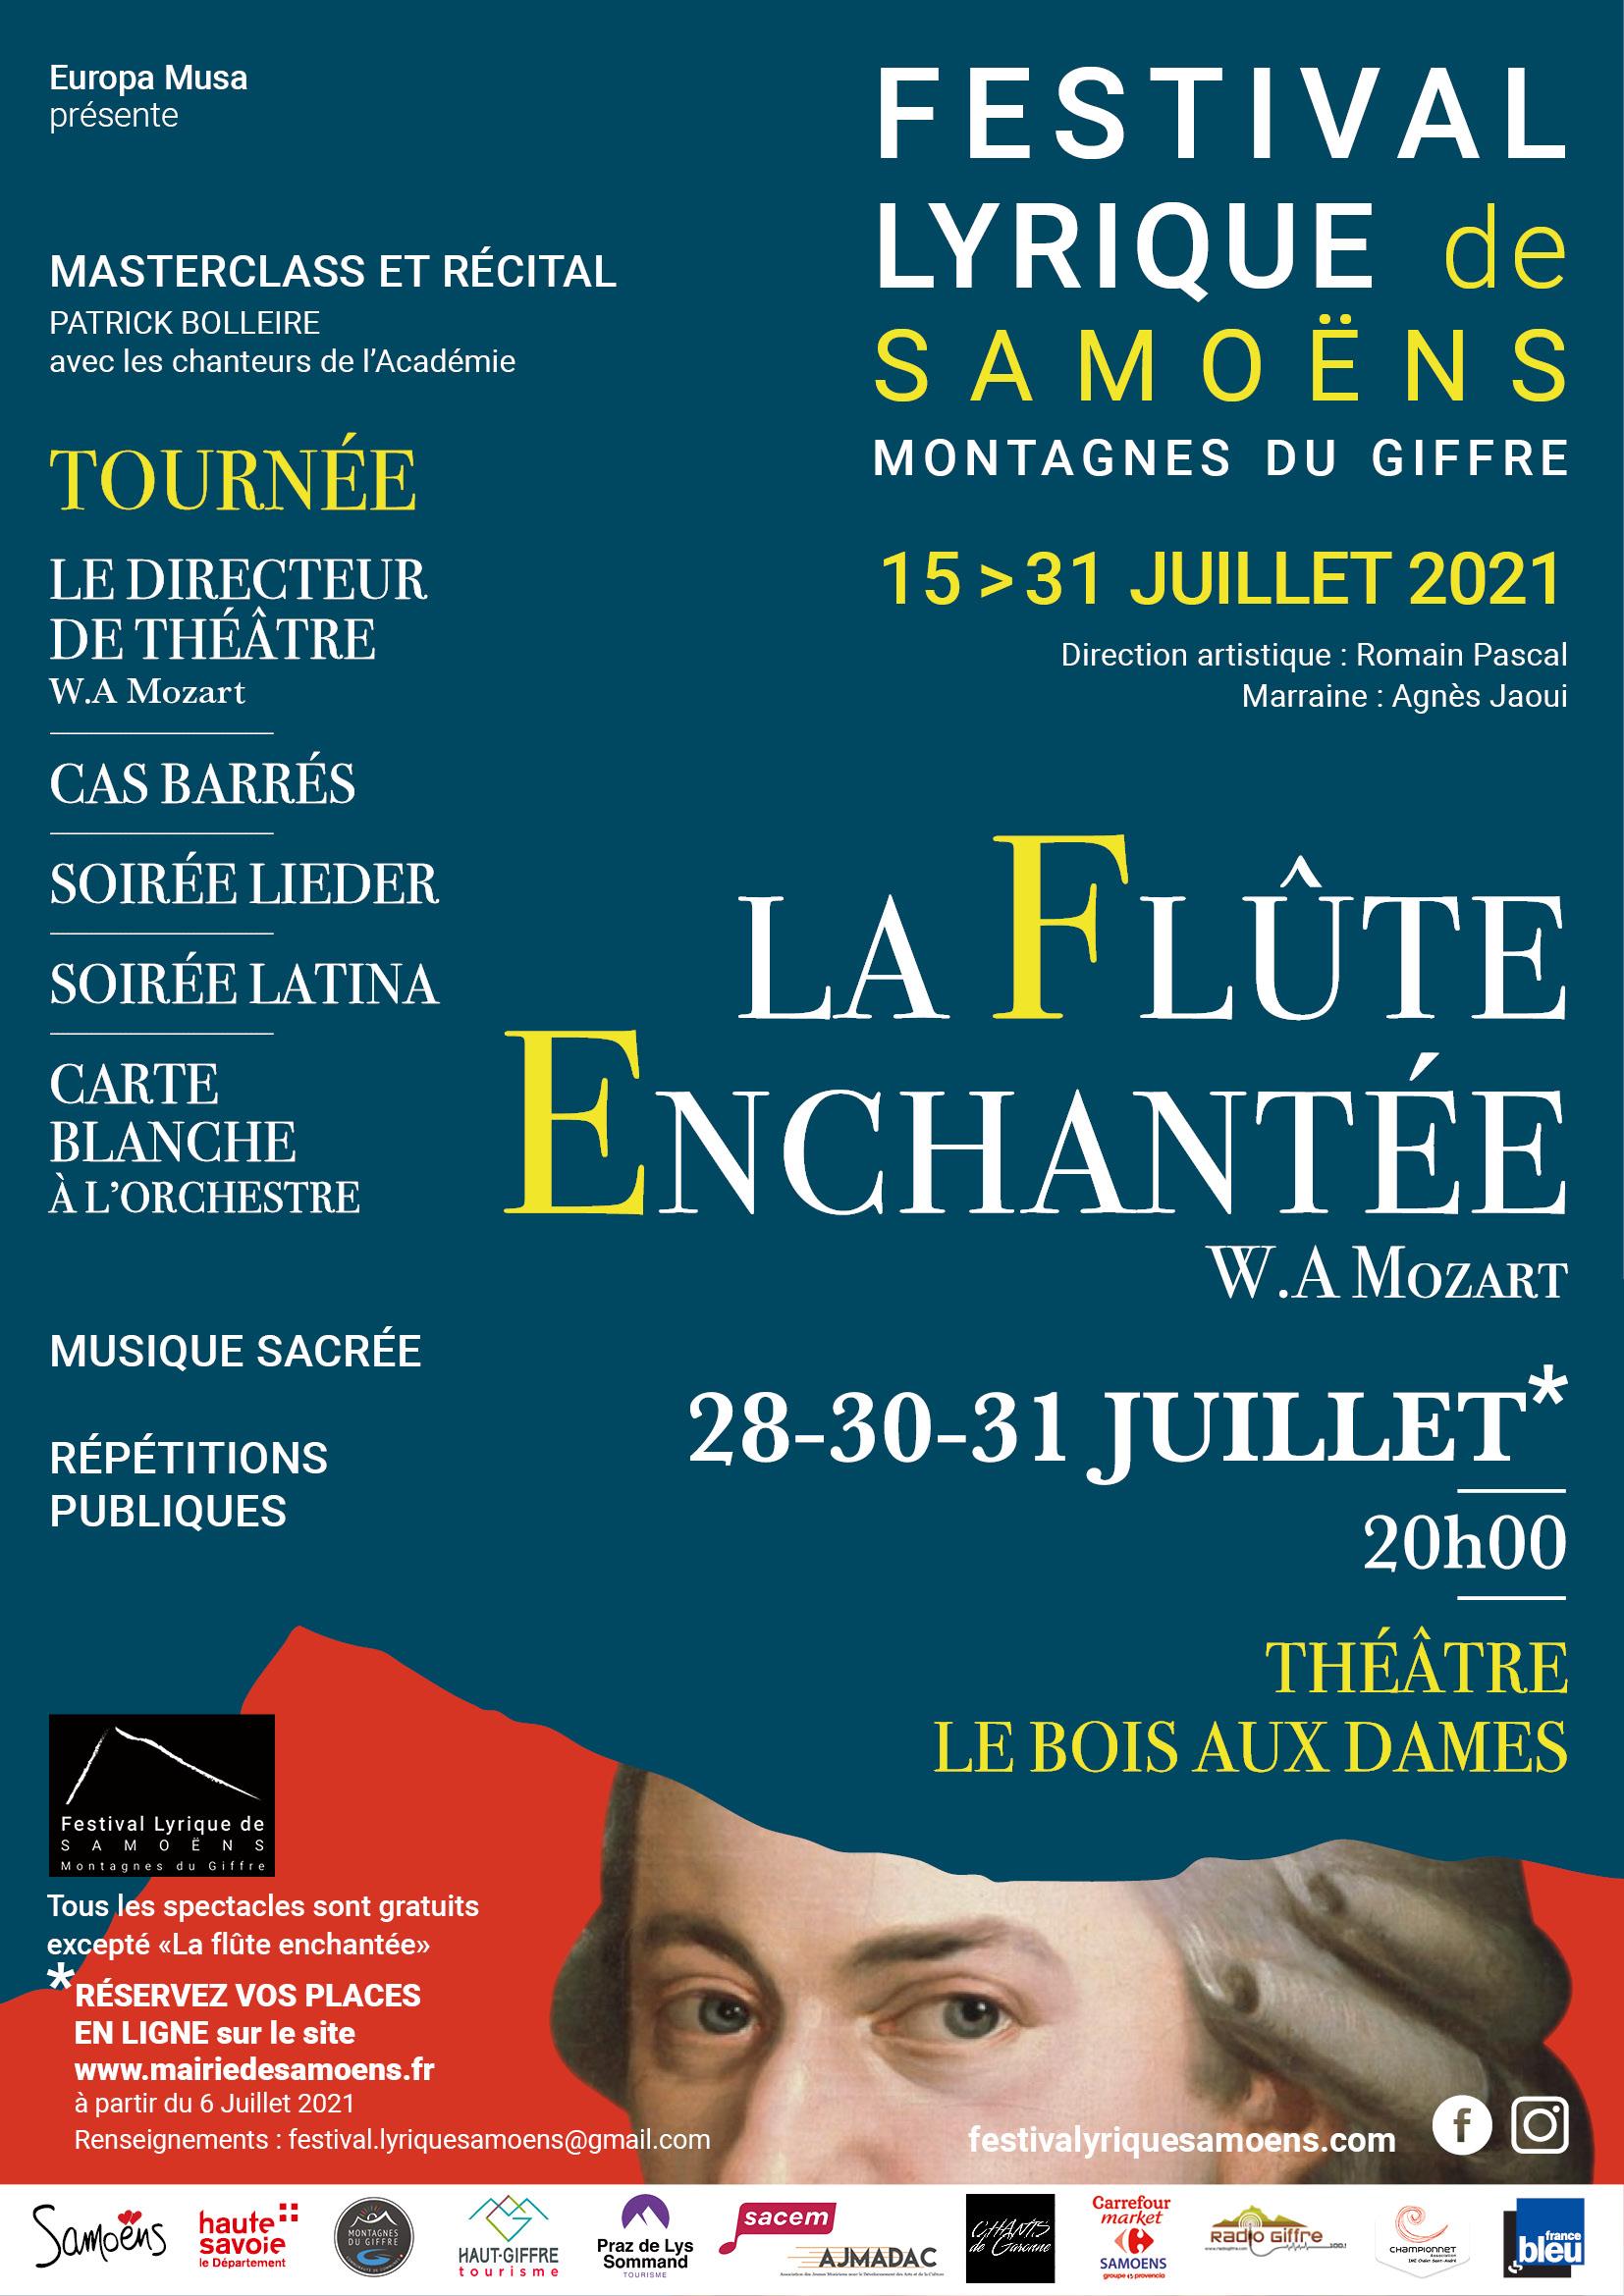 Festival lyrique de Samoëns du 15 au 31 juillet 2021